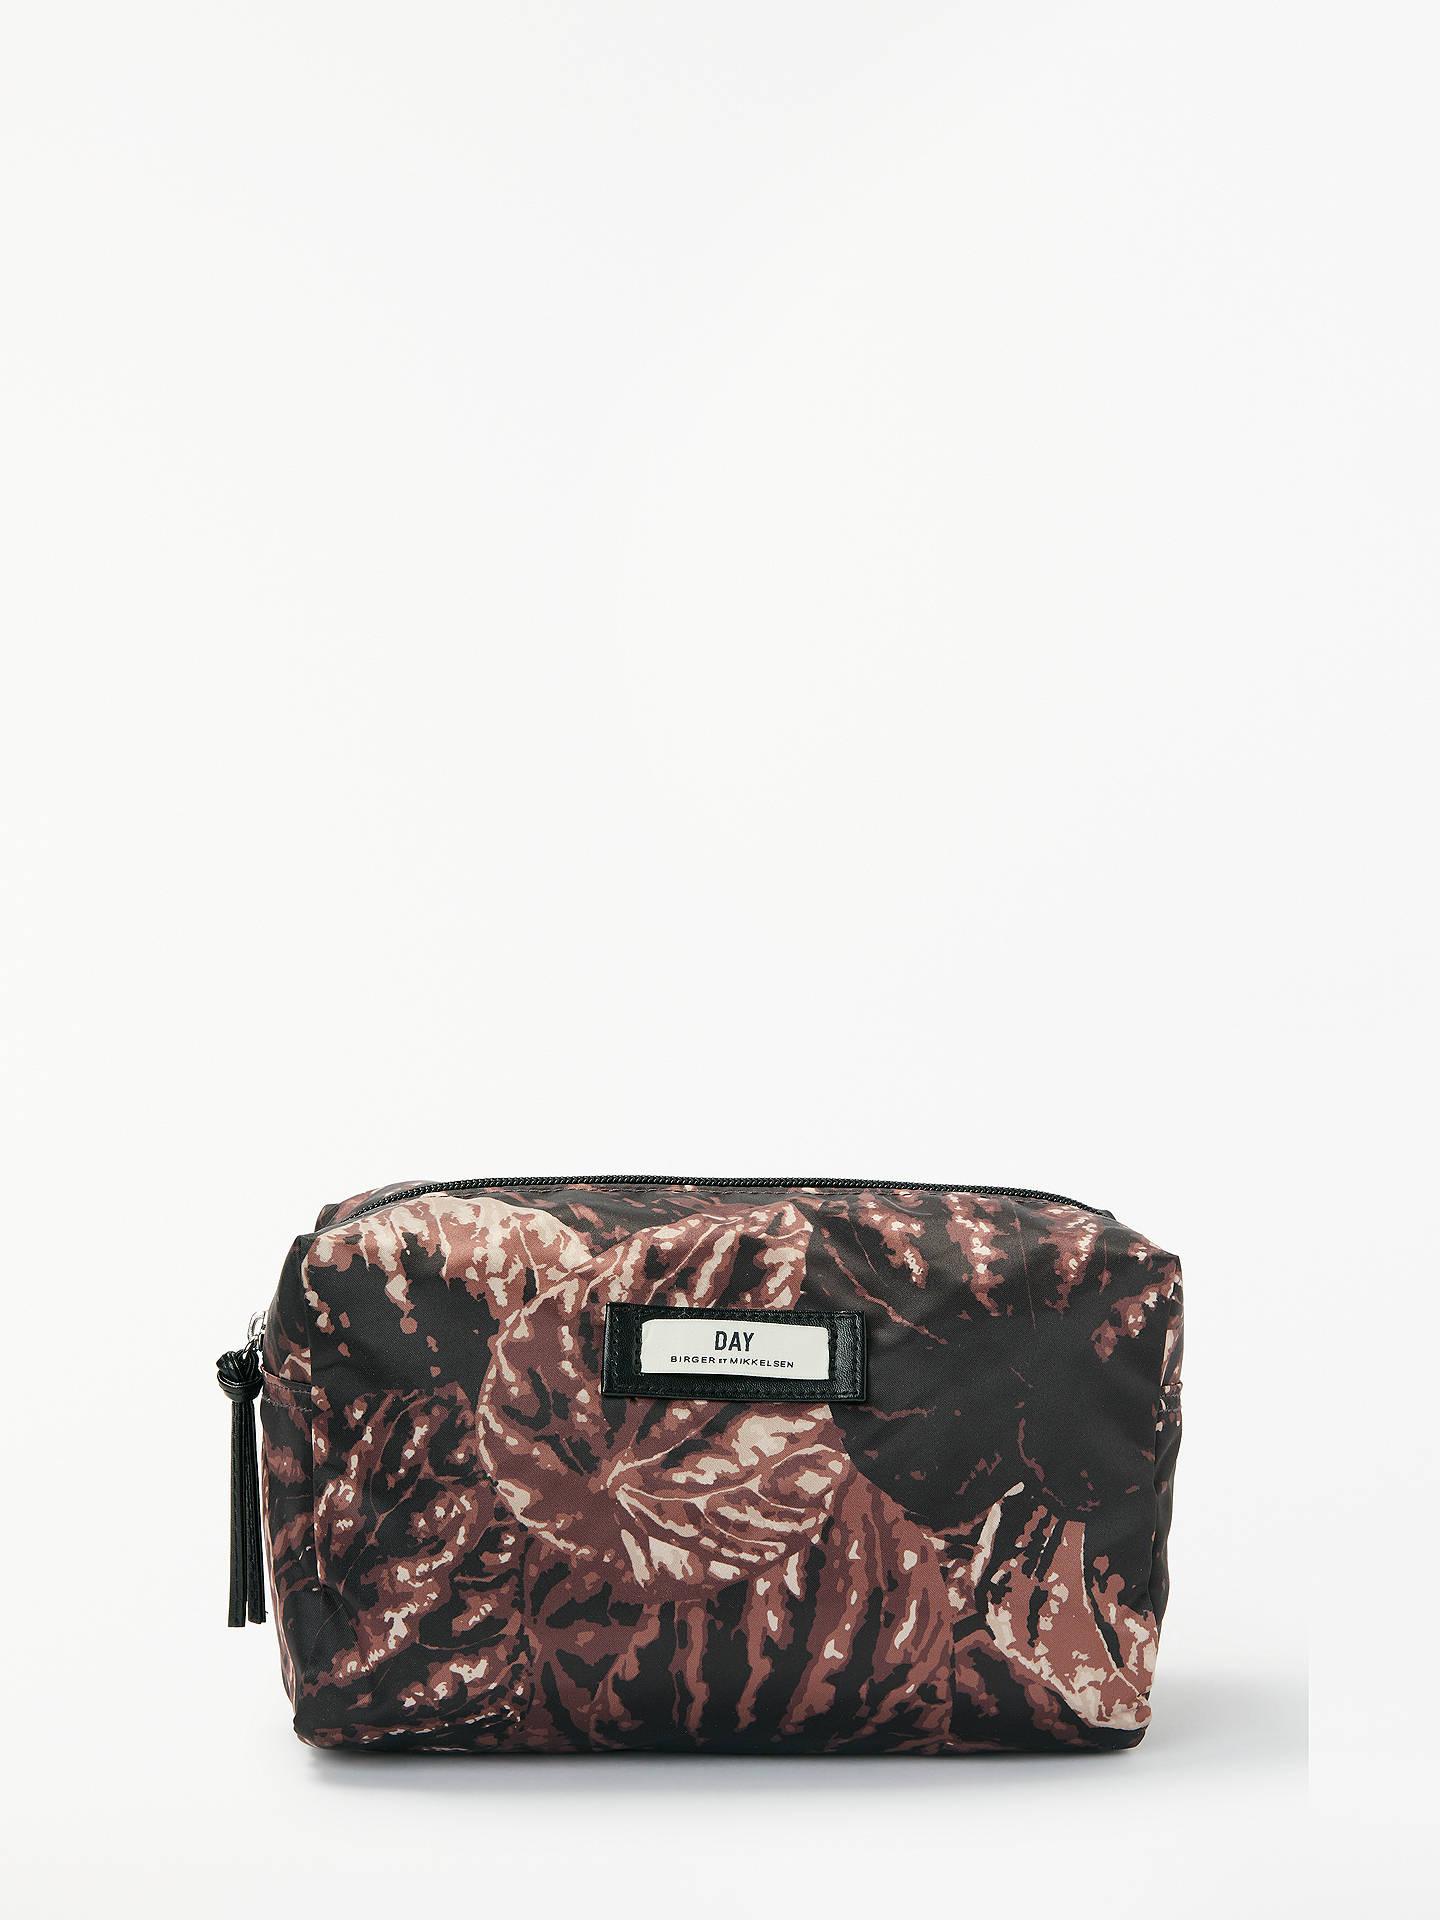 8f66e4d427e0 BuyDAY BIRGER ET MIKKELSEN Gweneth P Foilole Palm Print Wash Bag